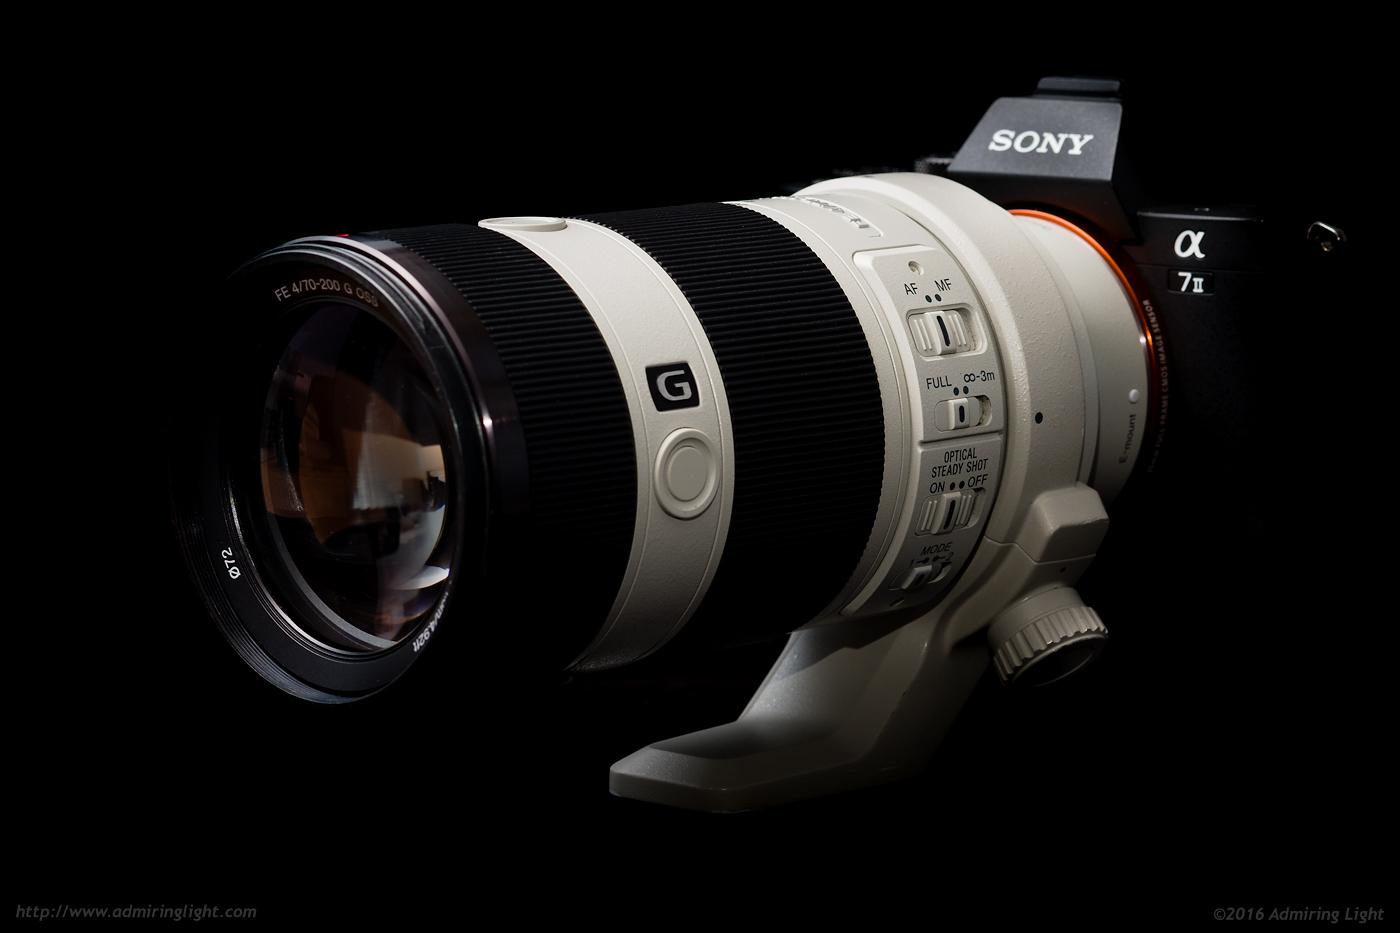 Sony FE 70-200mm f/4 G OSS on the Sony A7 II